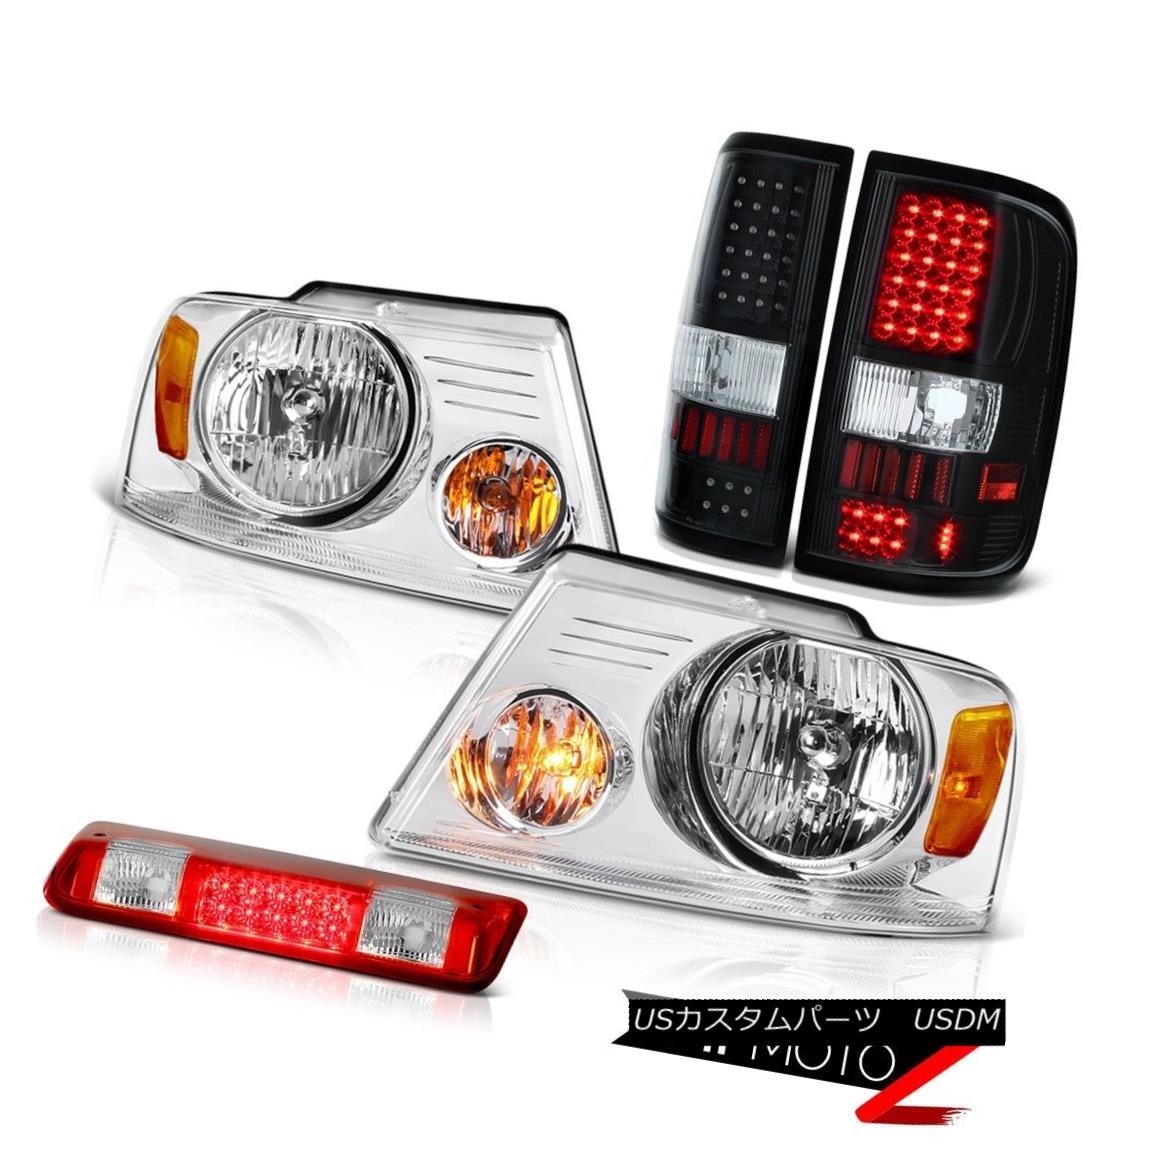 テールライト 04-08 Ford F150 XLT Red Roof Cab Light Euro Clear Headlamps Black Taillamps LED 04-08 Ford F150 XLTレッドルーフキャブライトユーロクリアヘッドランプブラックタイランプLED